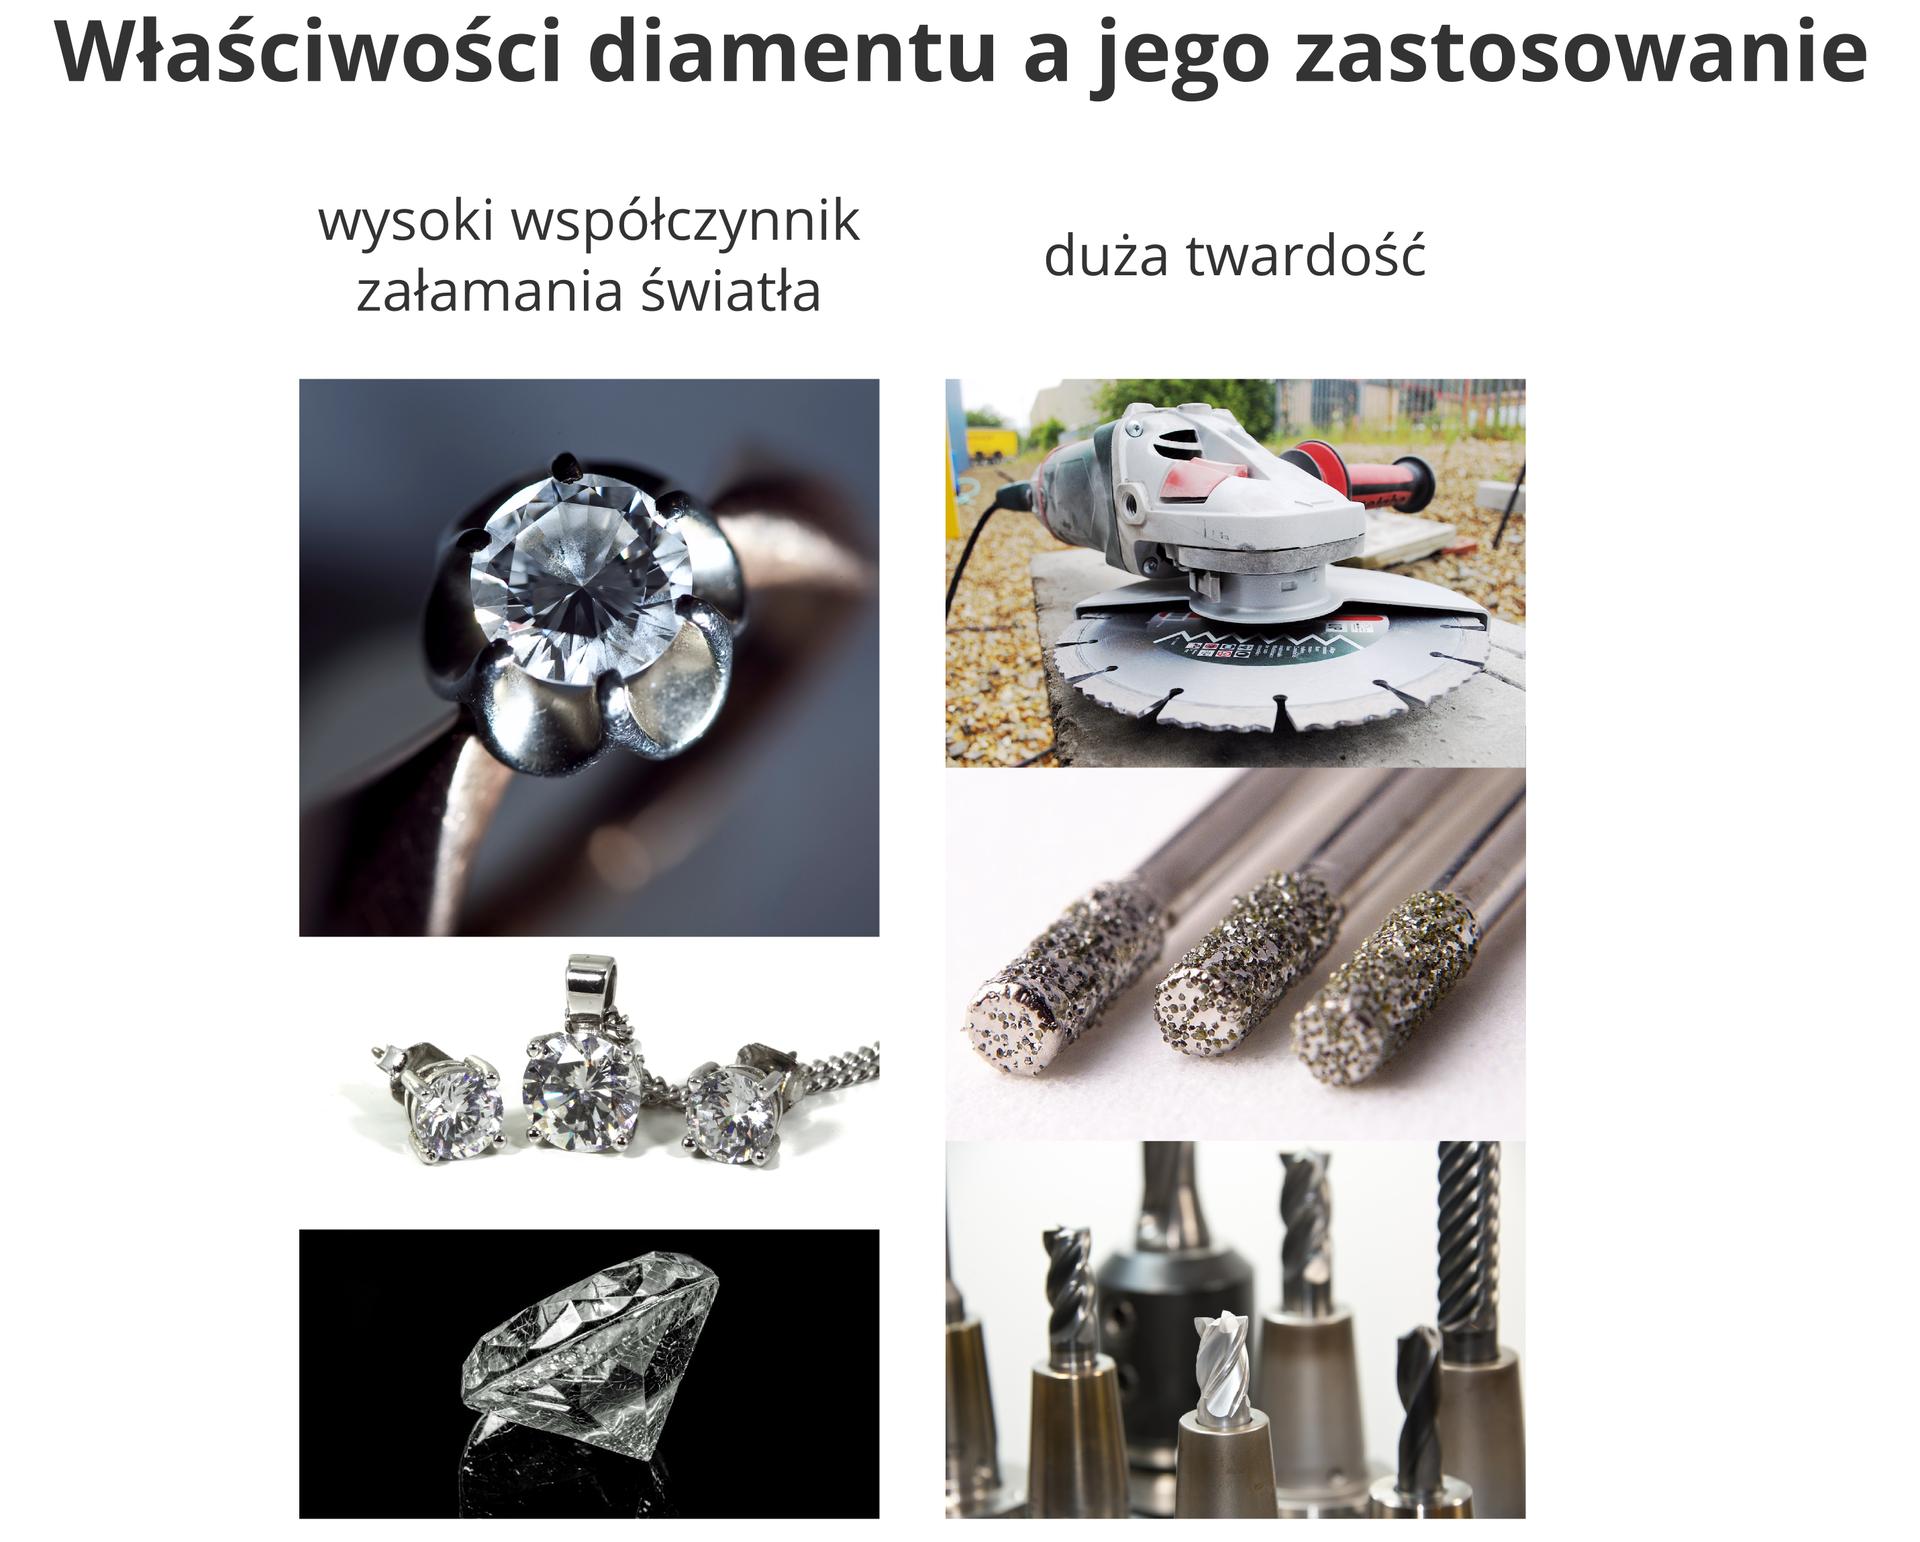 Właściwości diamentu ajego zastosowanie